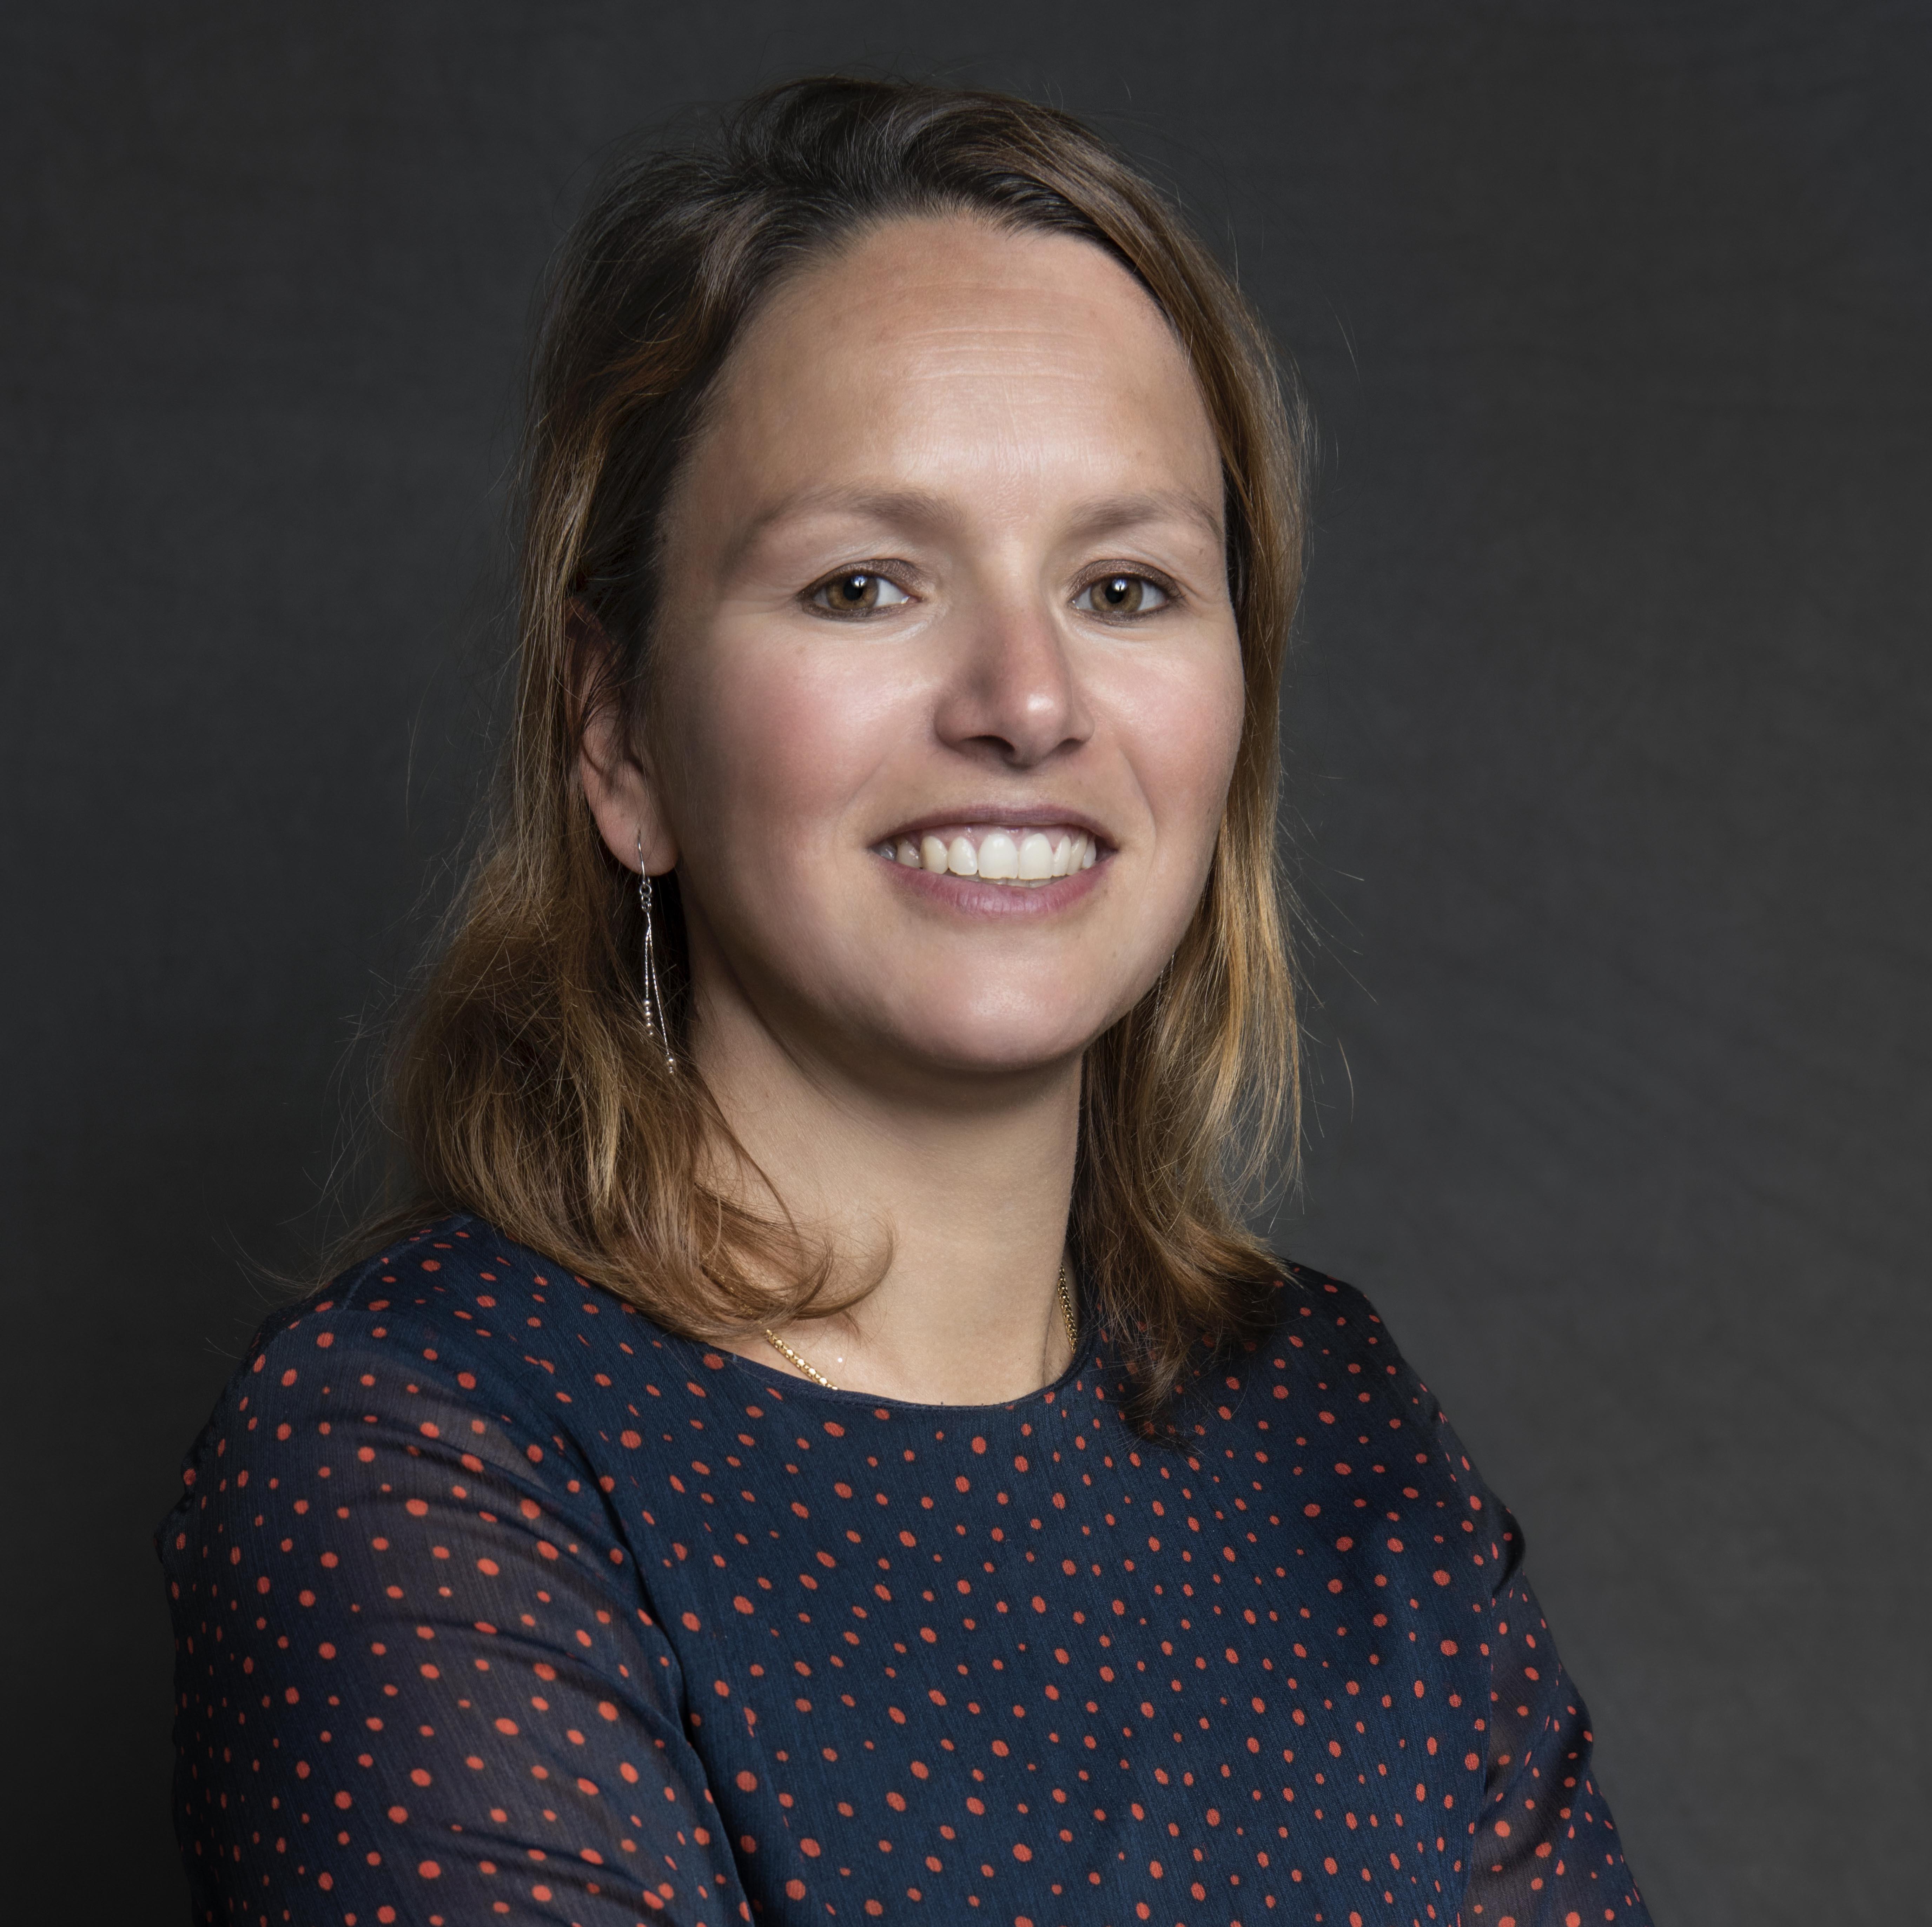 Stéphanie Rheinart, diététicienne-Nutritionniste / Ingénieur en Sciences de l'alimentation à Tours